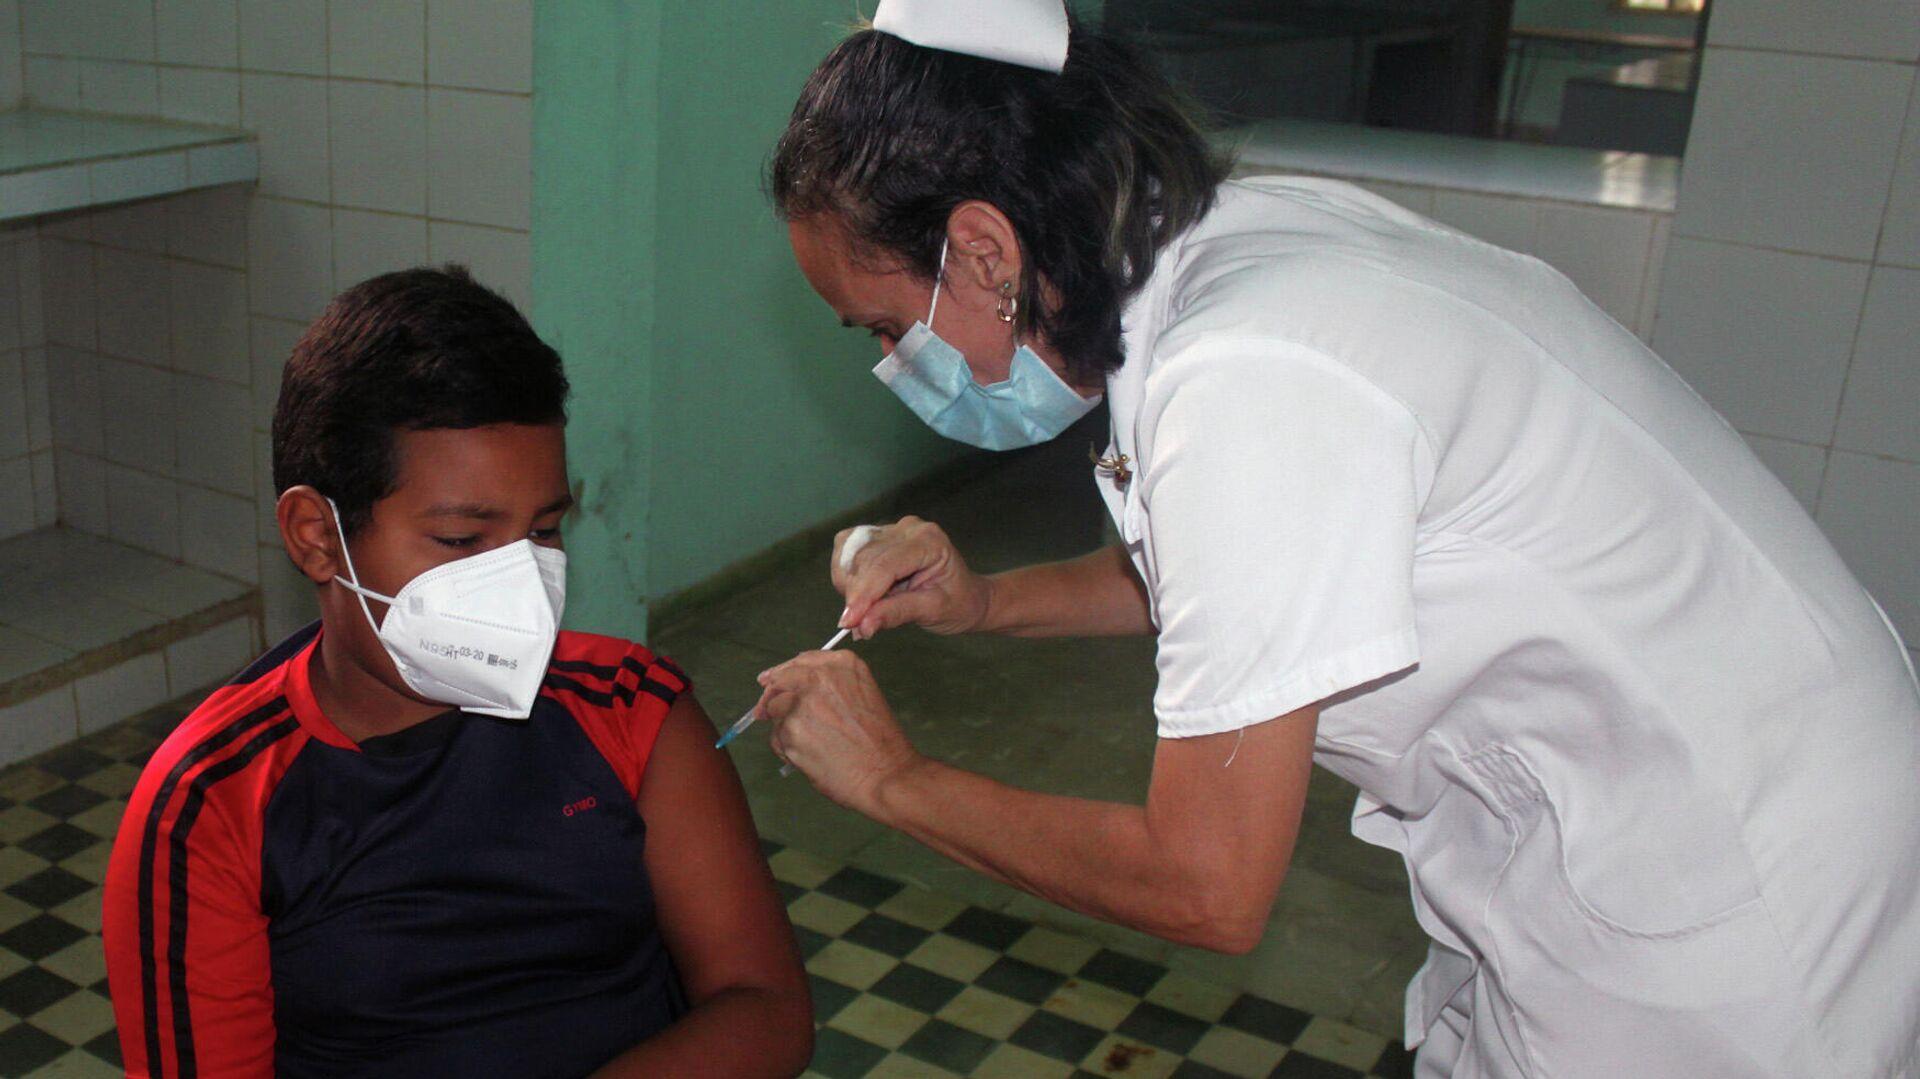 Niños vacunados en Cuba - Sputnik Mundo, 1920, 16.09.2021